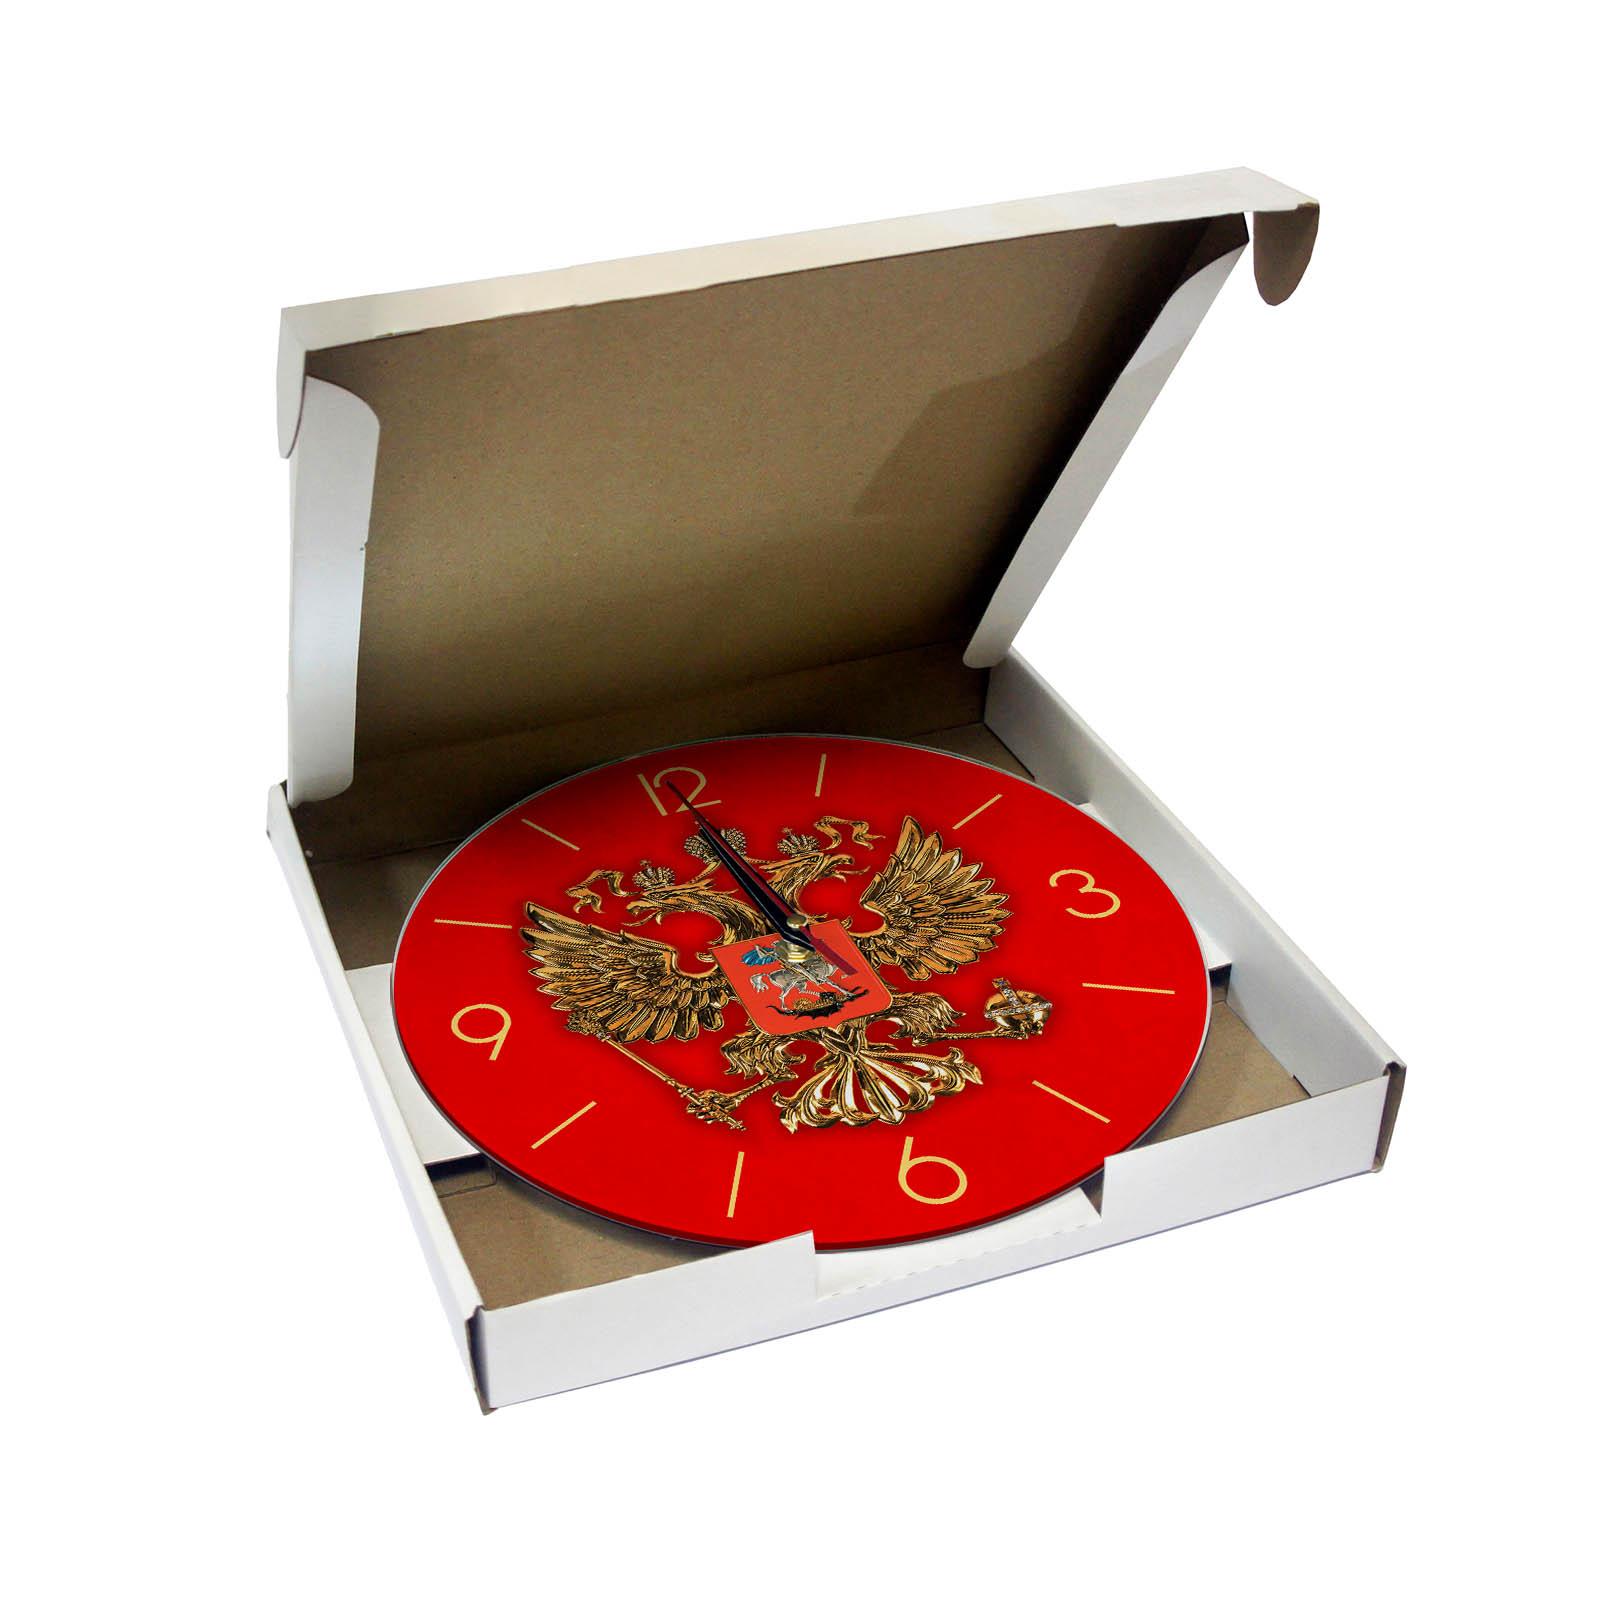 Герб России упаковка часов